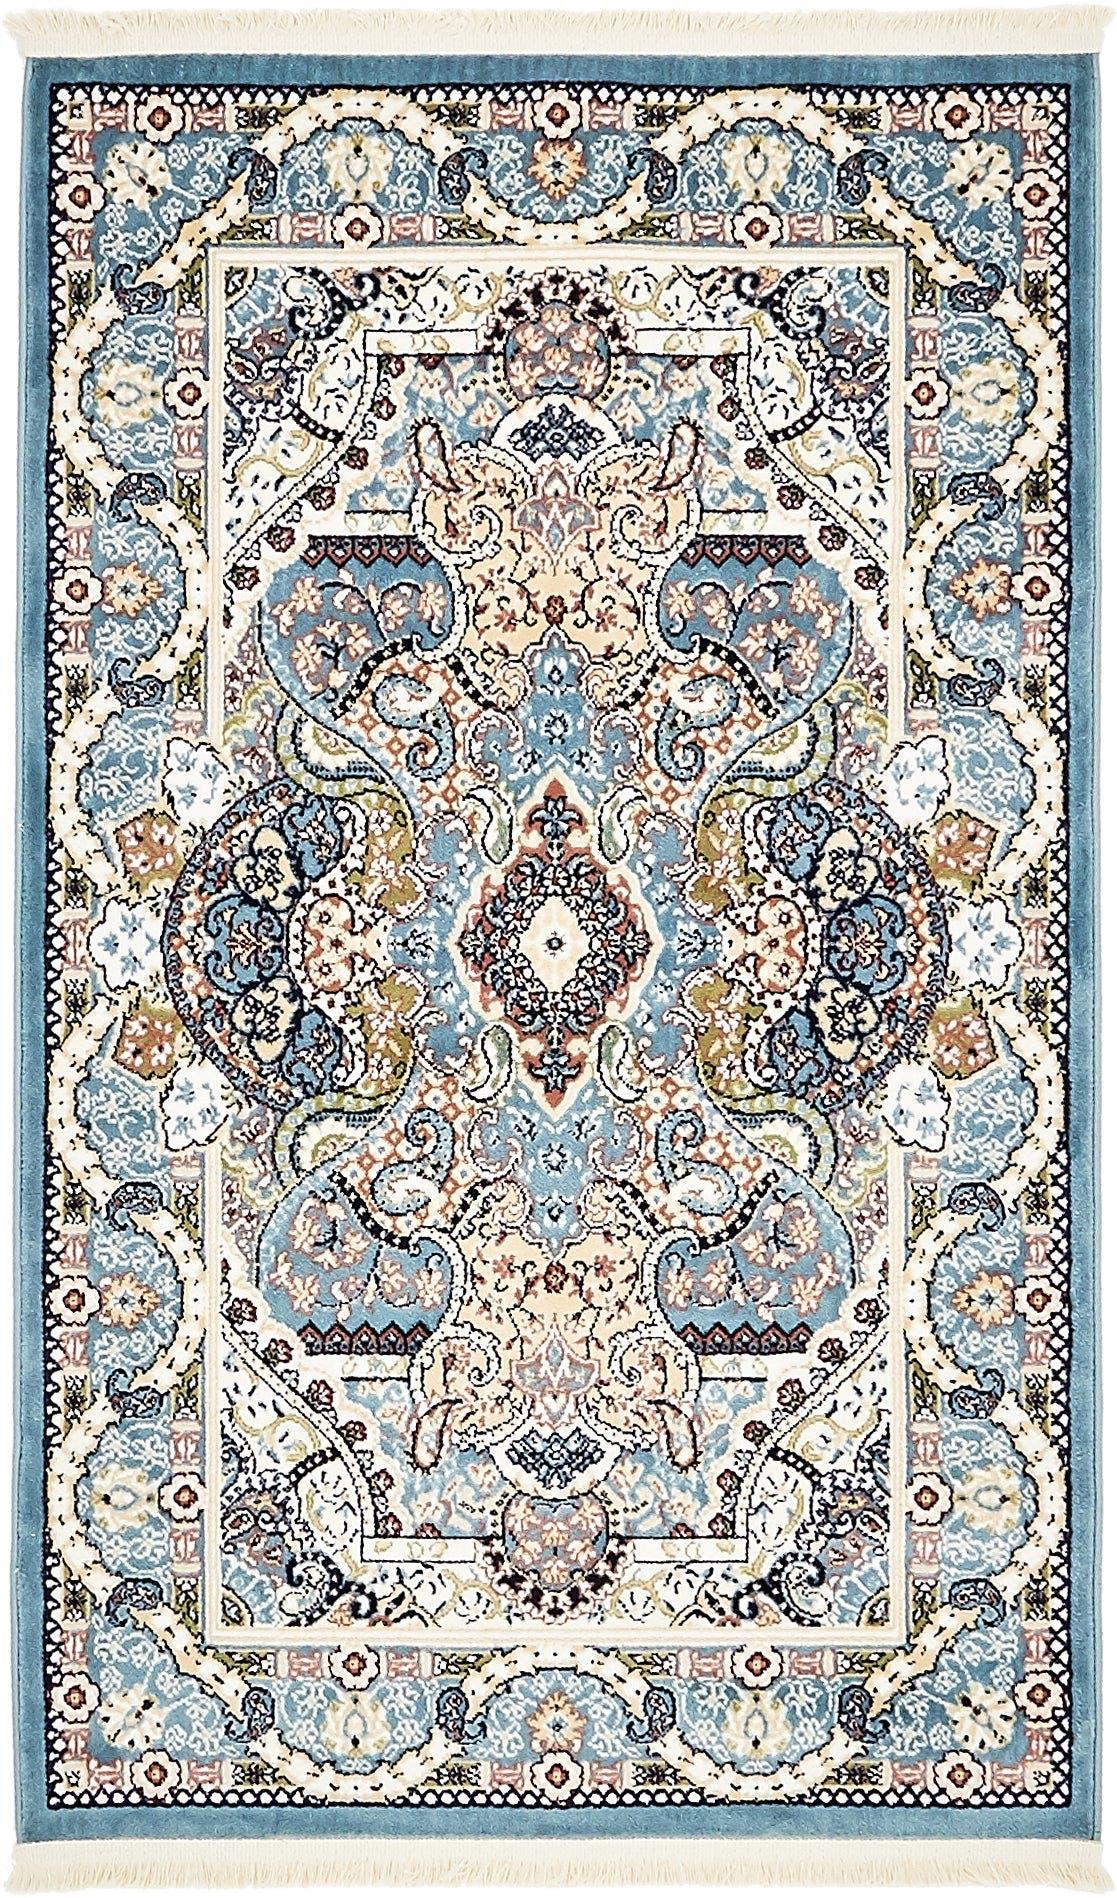 3' x 5' Nain Design Rug main image